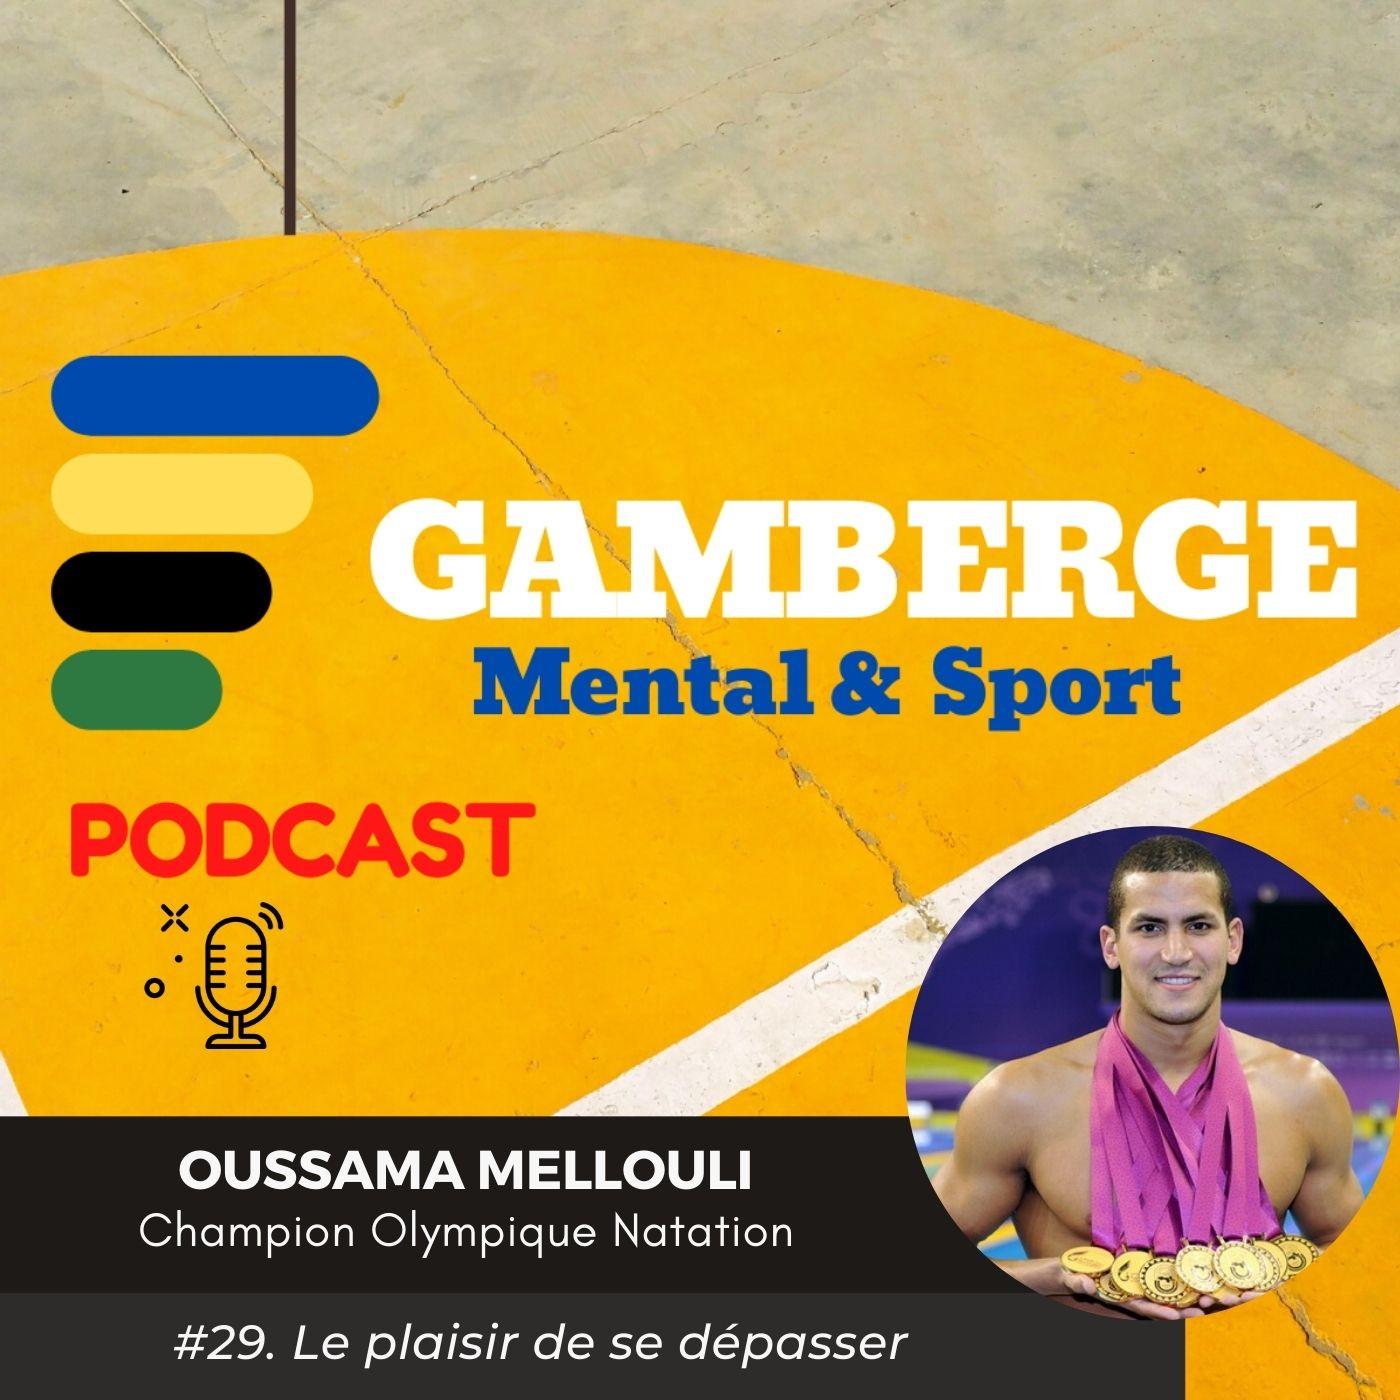 #29. Oussama Mellouli: Le plaisir de se dépasser